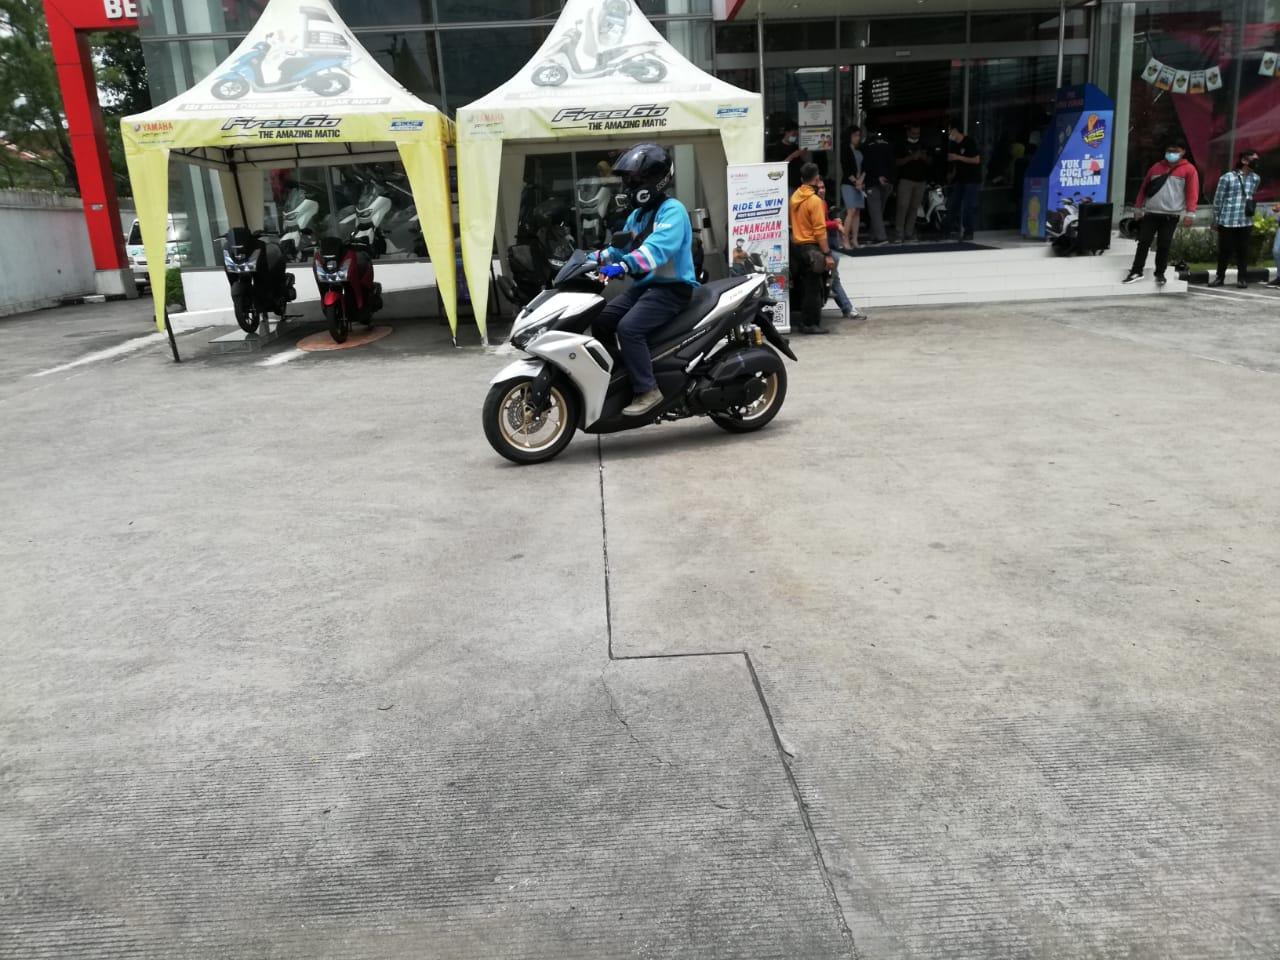 All New Aerox 155 Connected Kali Ini dijajal Media Jawa Tengah & Yogyakarta